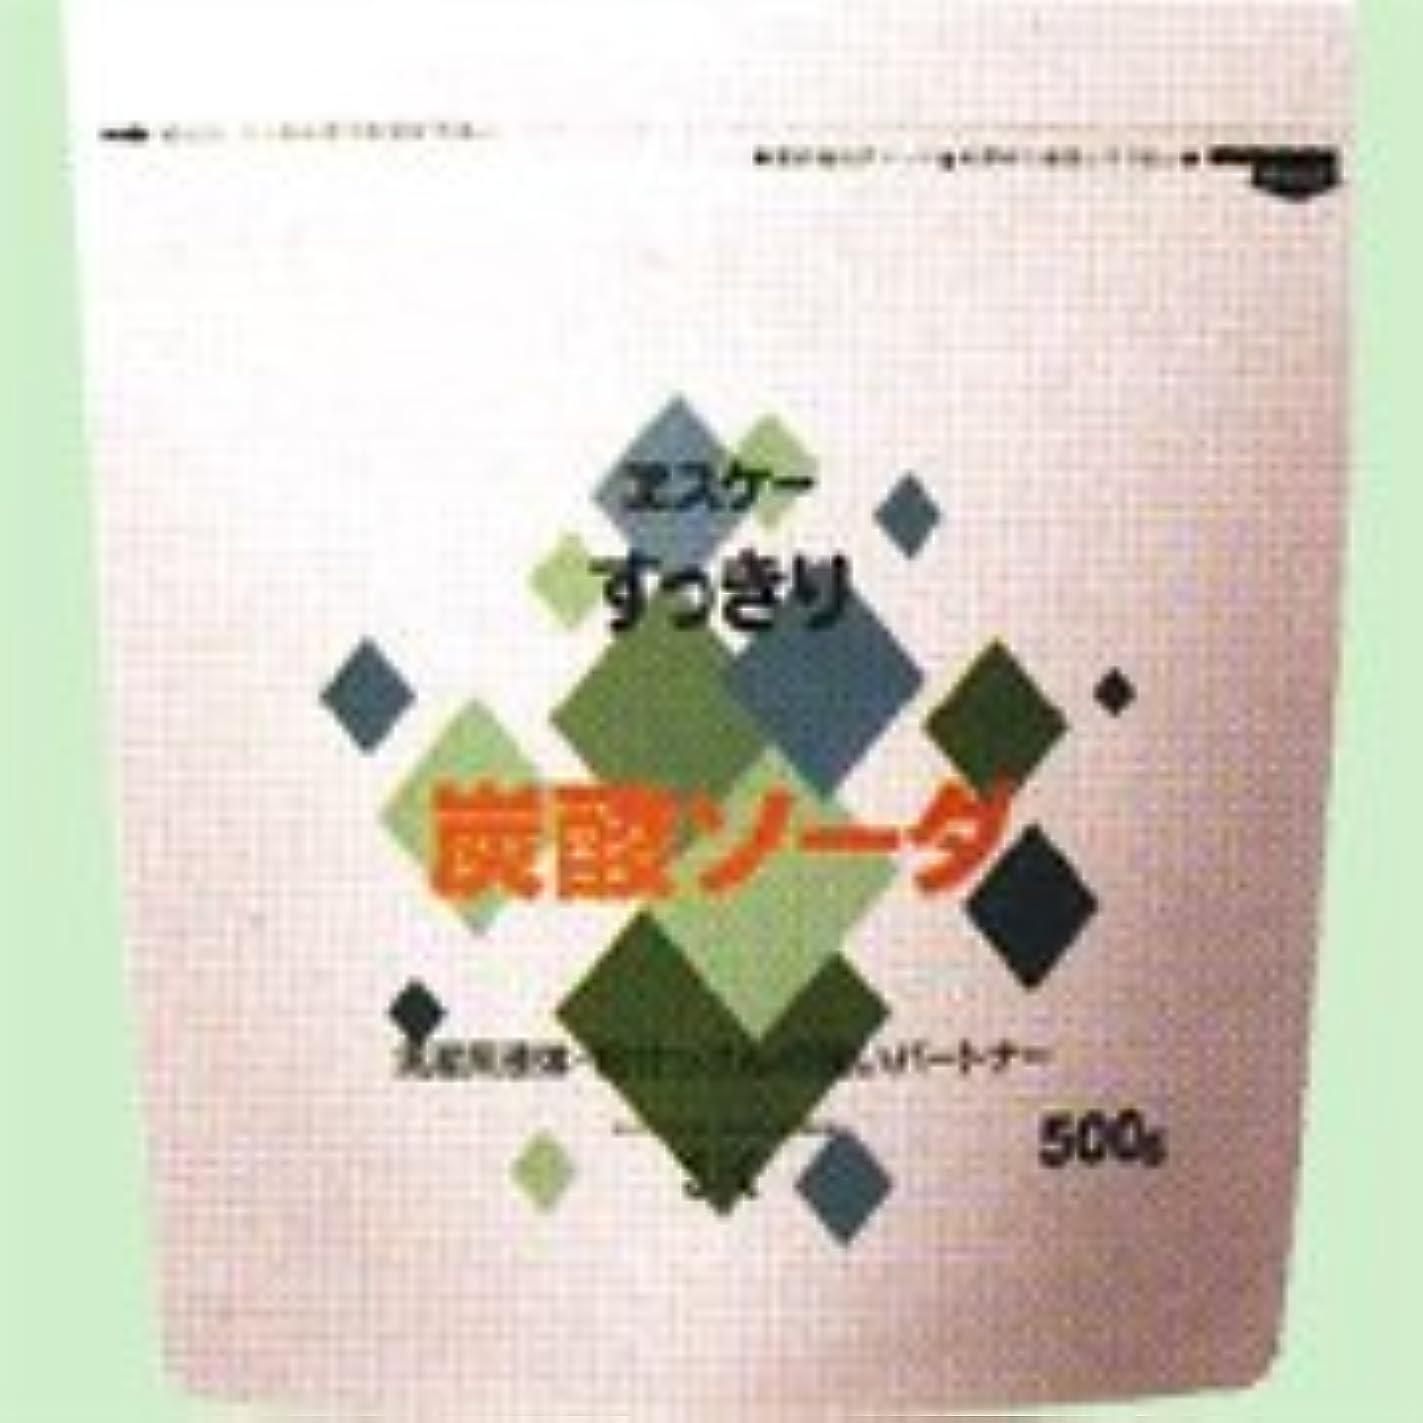 枠粘性の哲学すっきり炭酸ソーダ 500g   エスケー石鹸